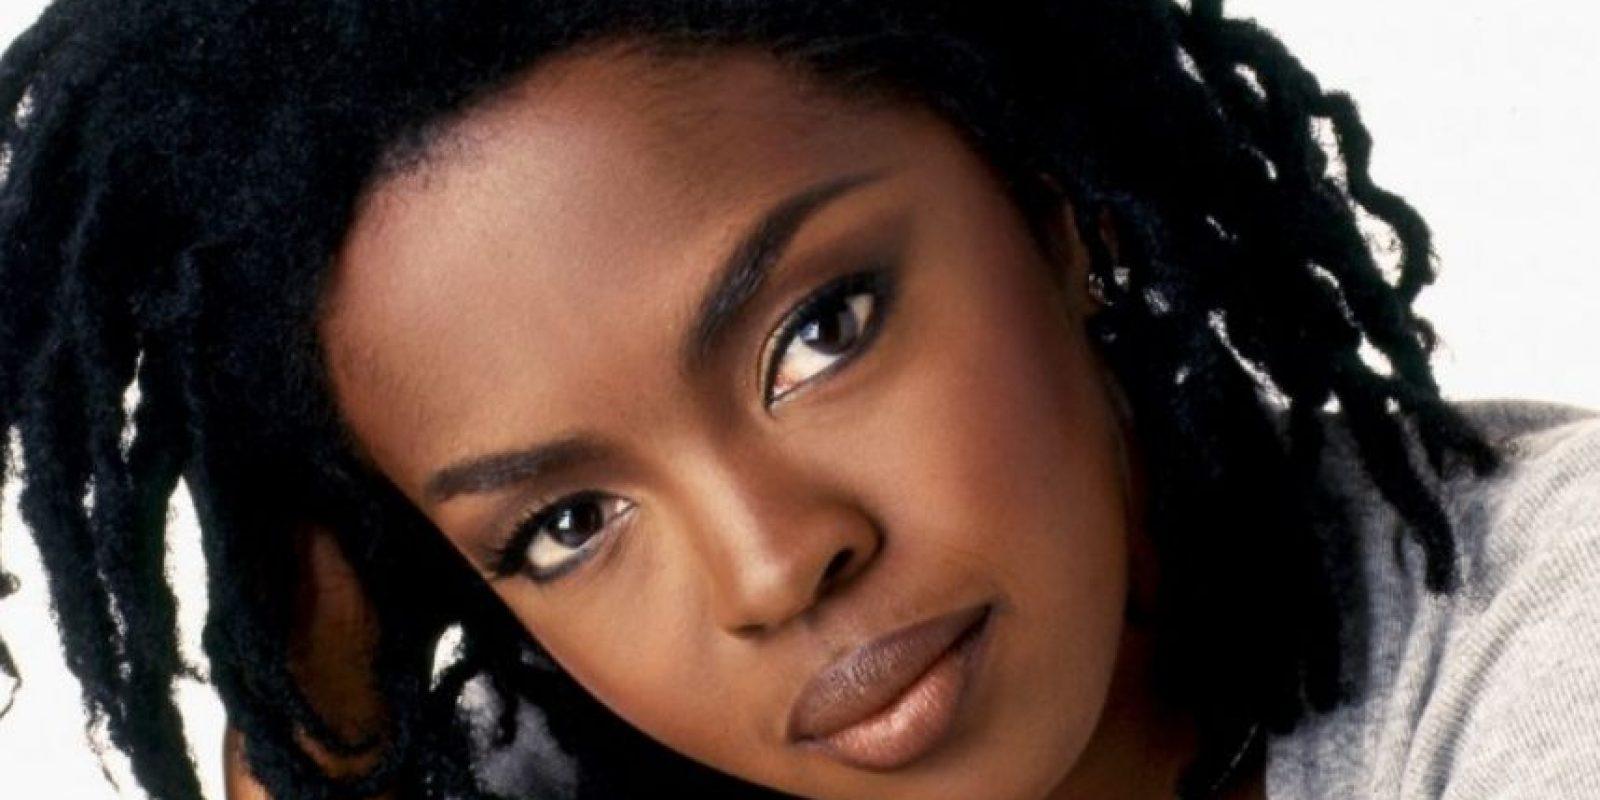 La premiada cantante tuvo problemas con la ley en 2013. Estuvo sujeta a un año de libertad condicional por evasión fiscal. Foto:vía Getty Images